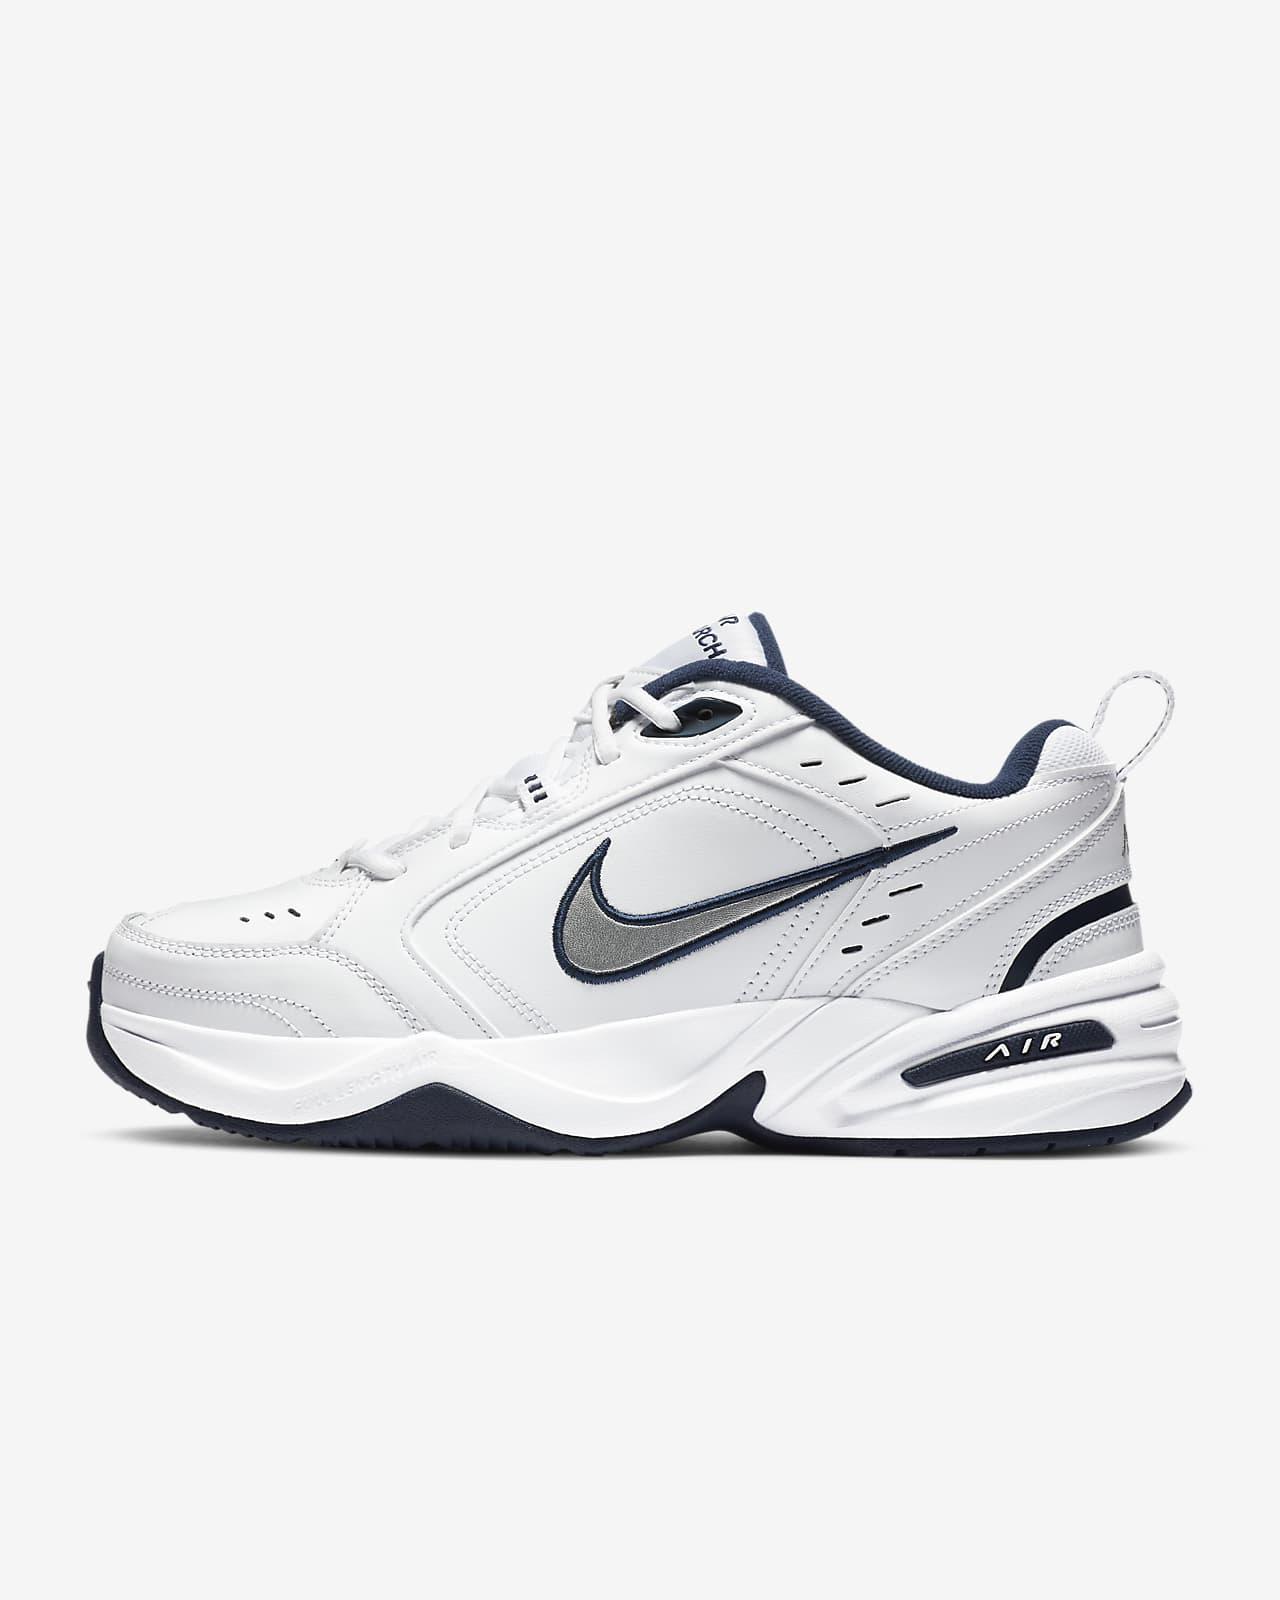 Träningssko Nike Air Monarch IV för män